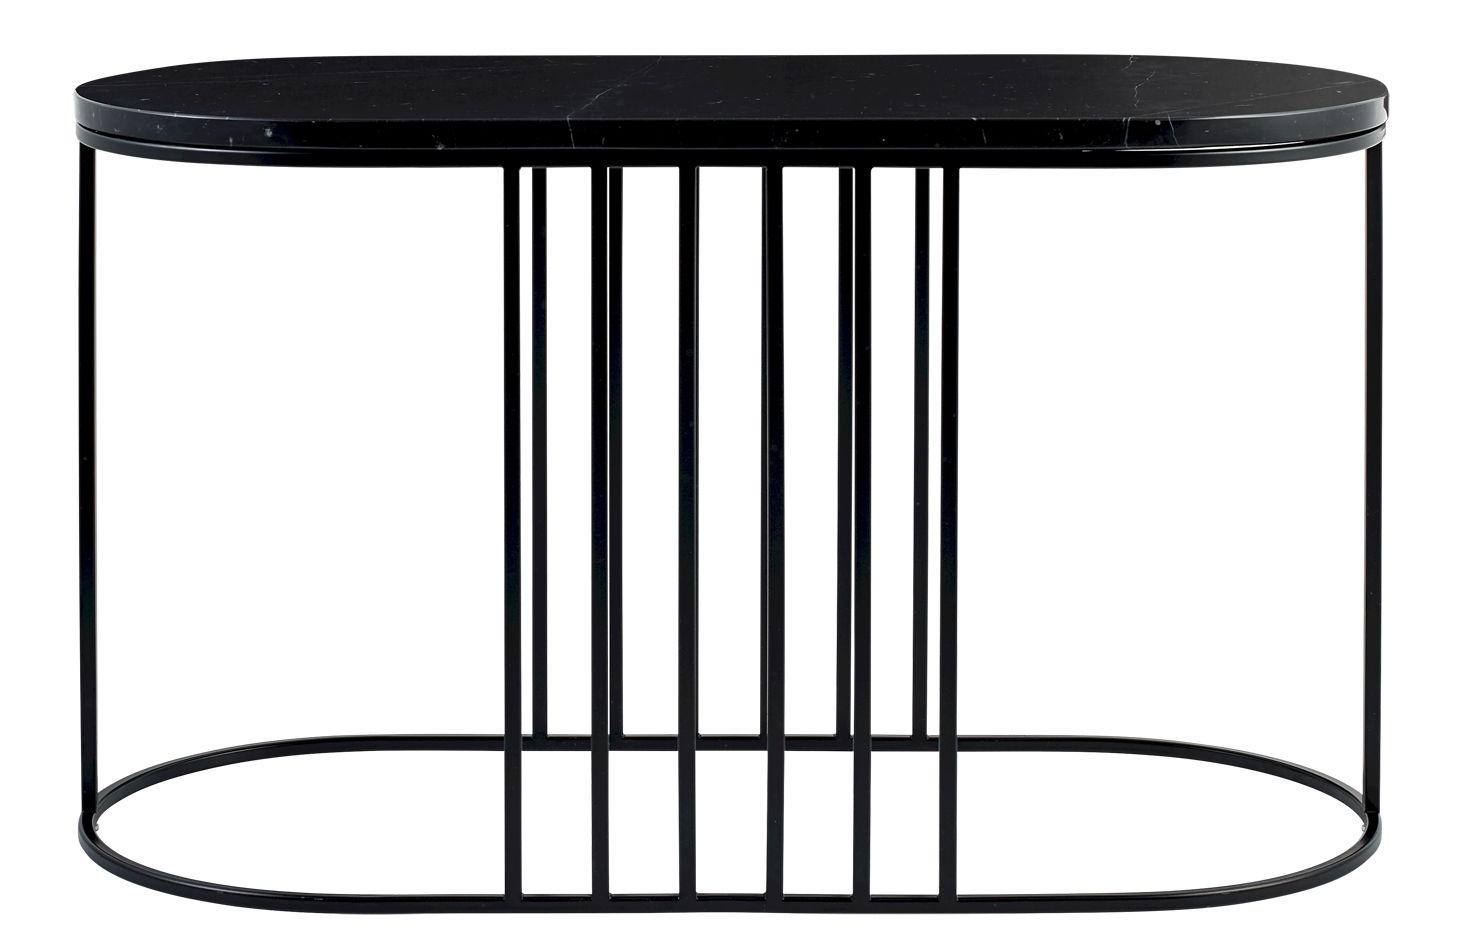 Mobilier - Tables basses - Table basse Posea / Marbre - 80 x 35 cm - Bolia - Marbre noir / Base noire - Acier verni, Marbre